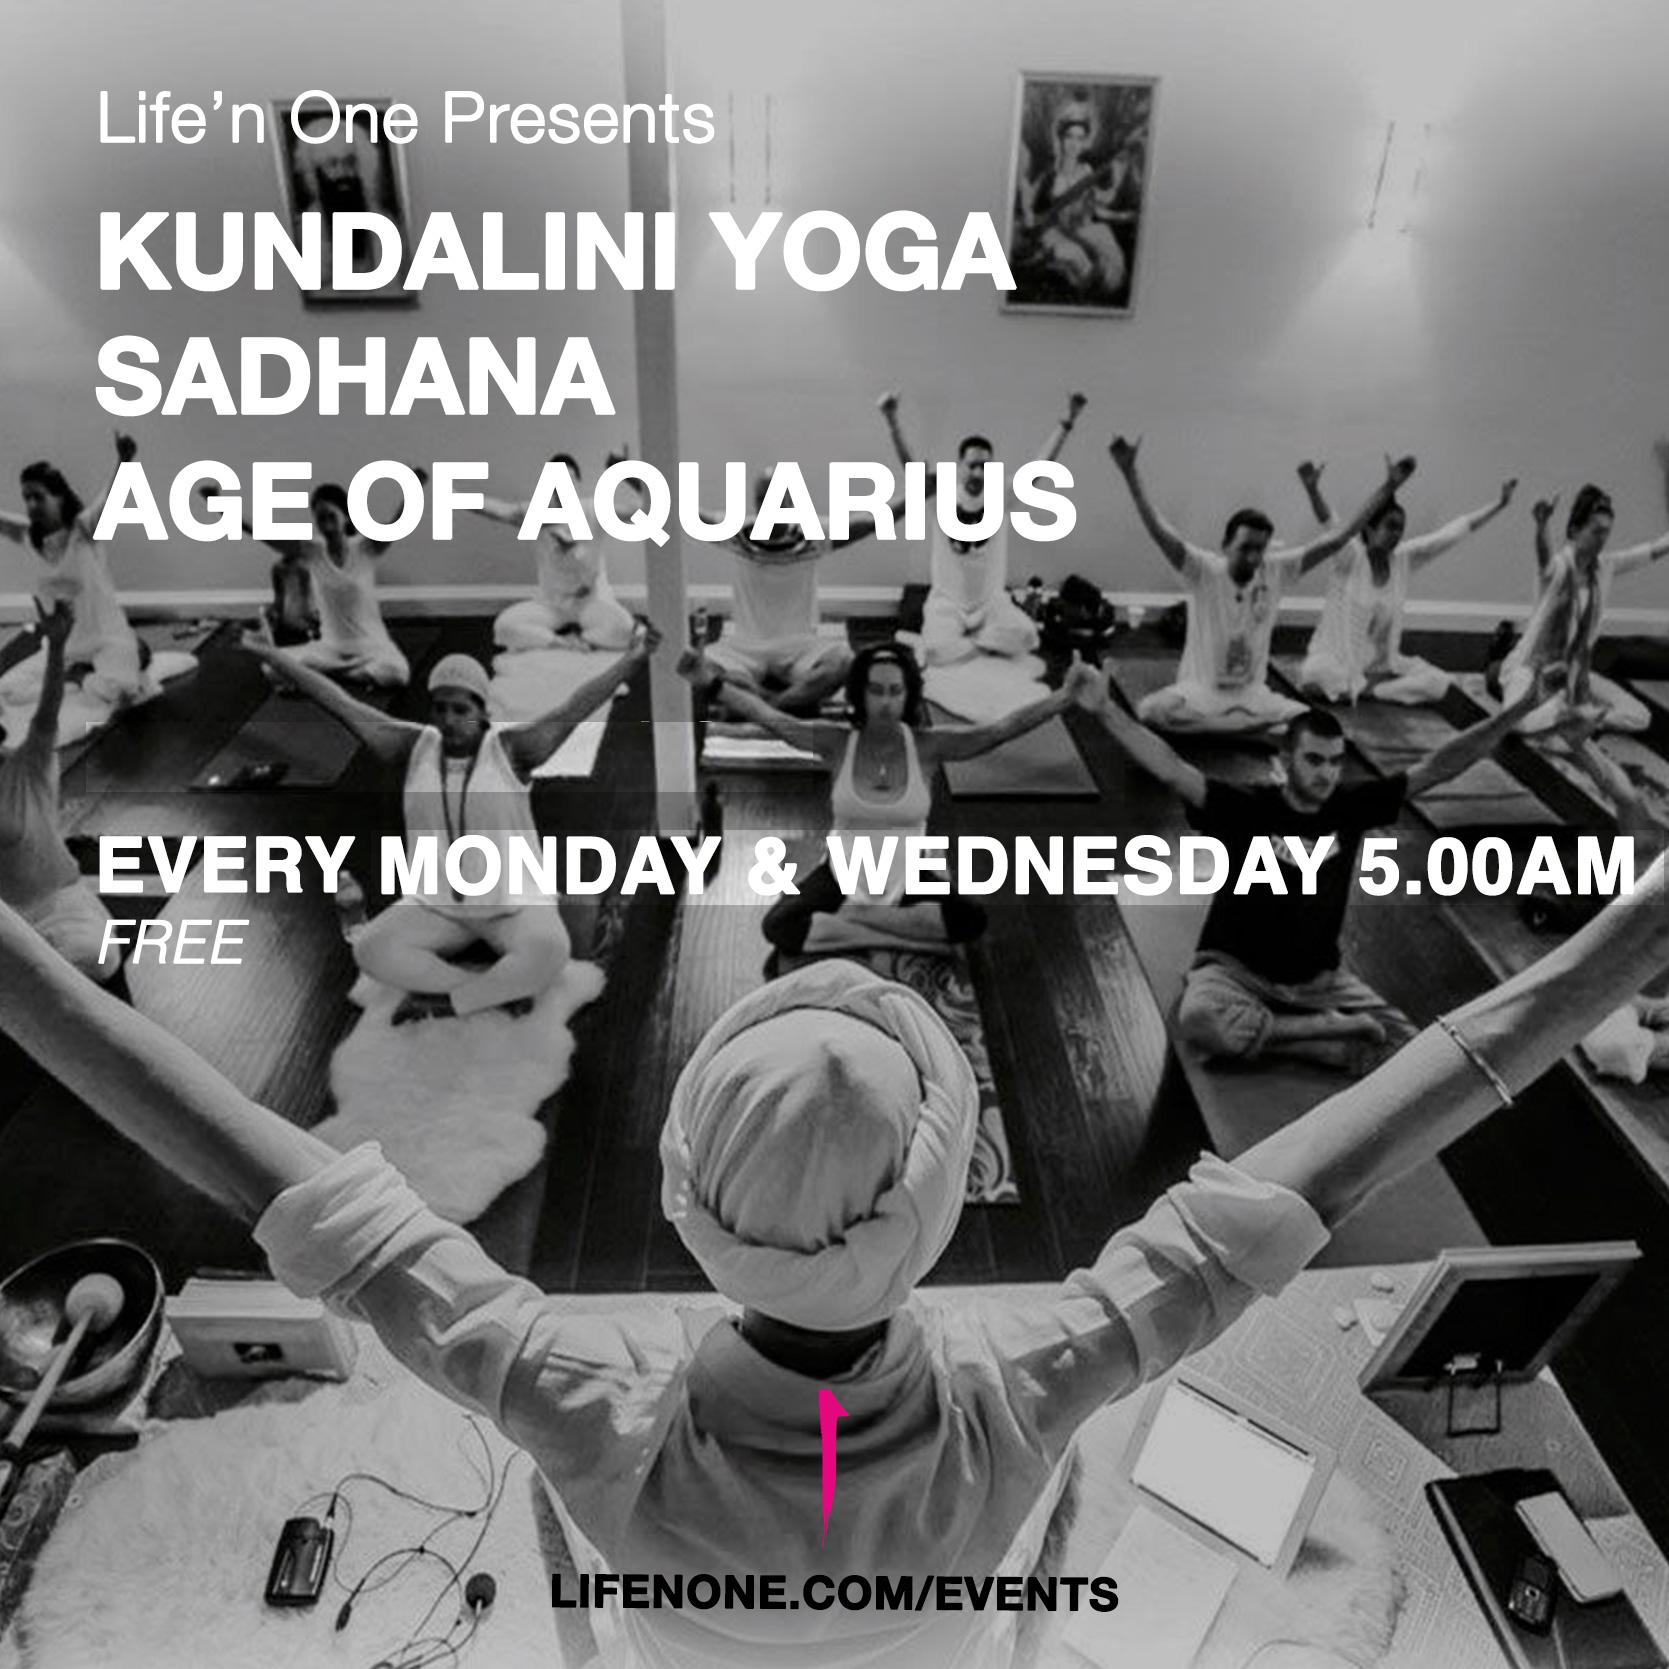 Kundalini yoga sadhana in Dubai at Life'n One